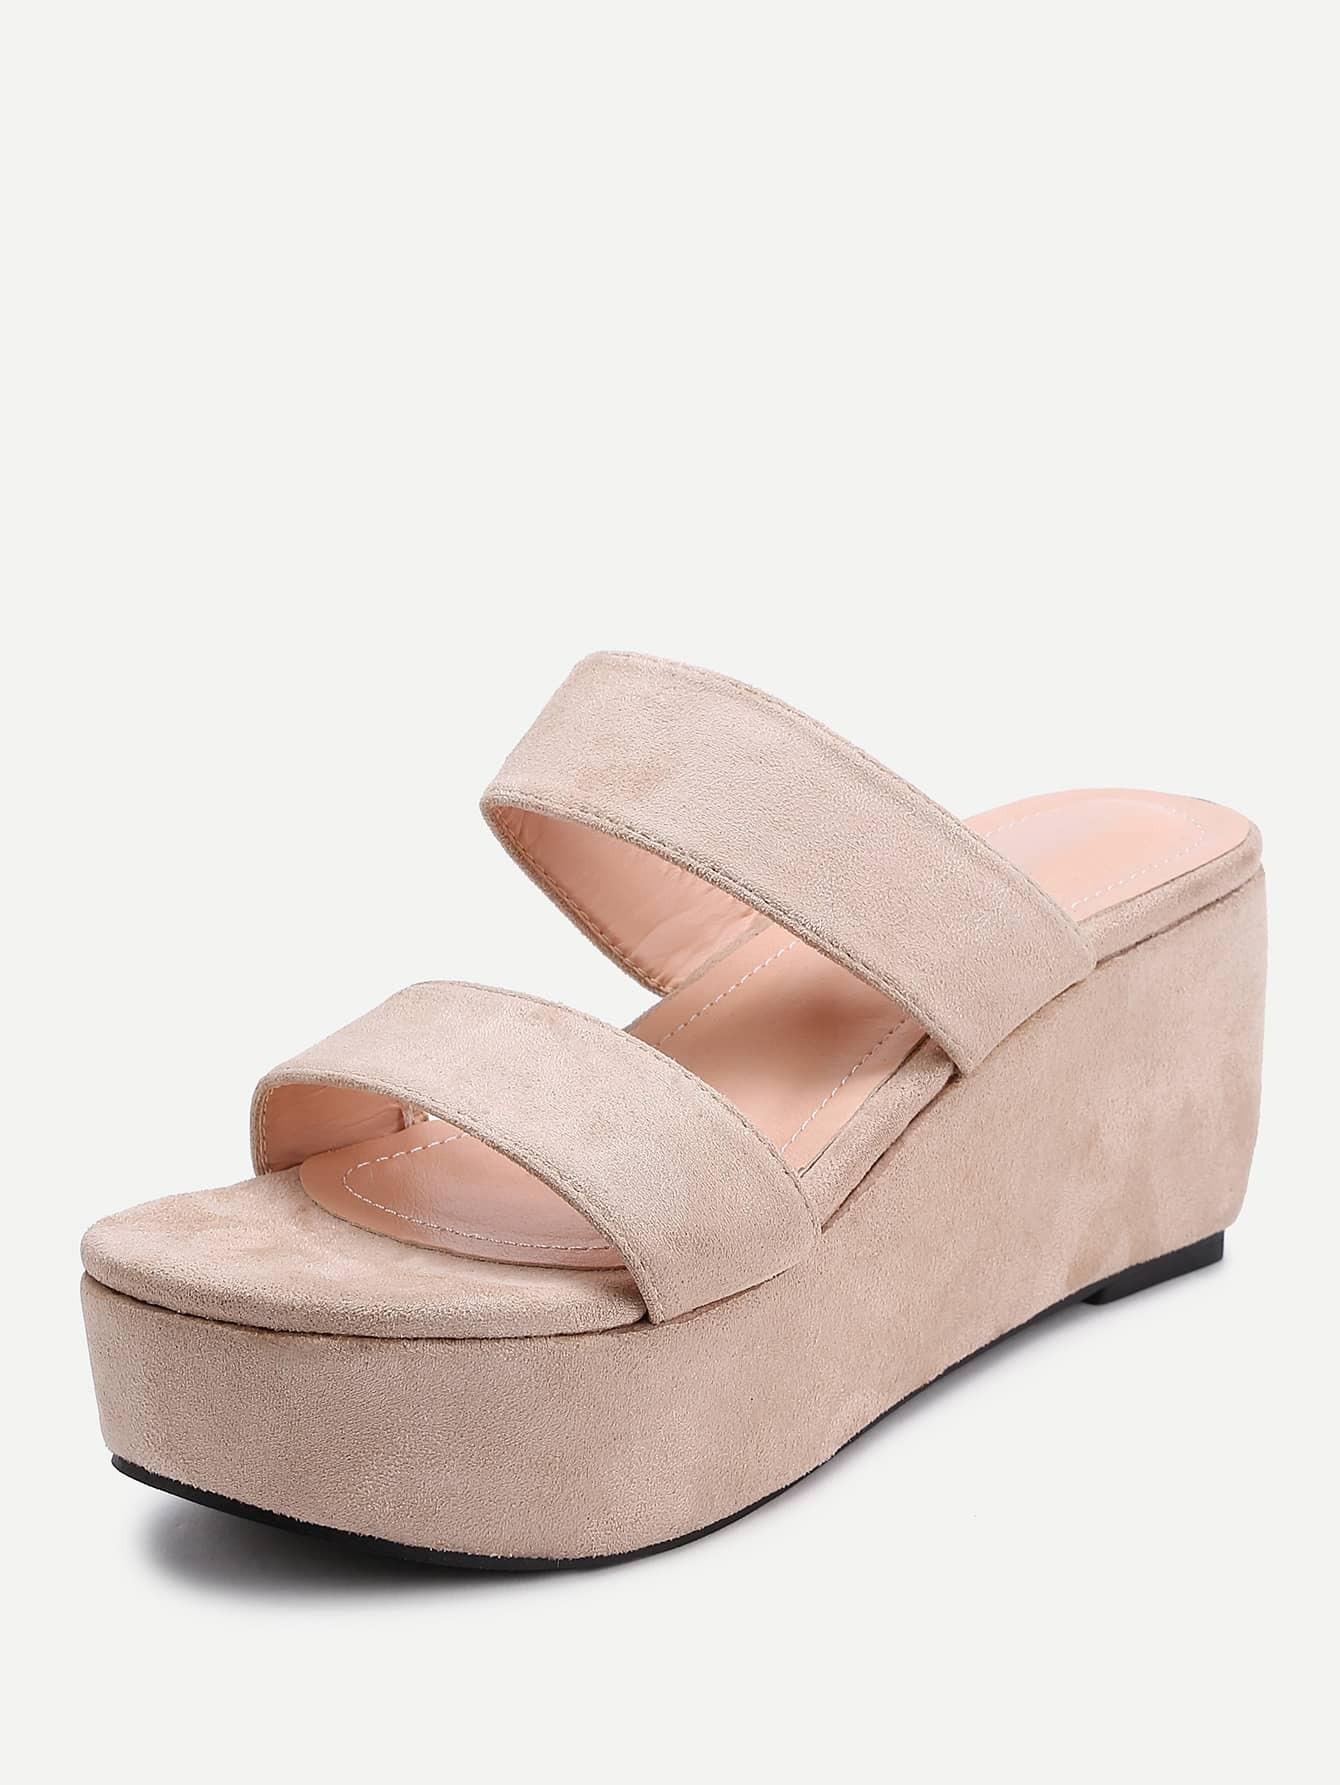 shoes170405819_2